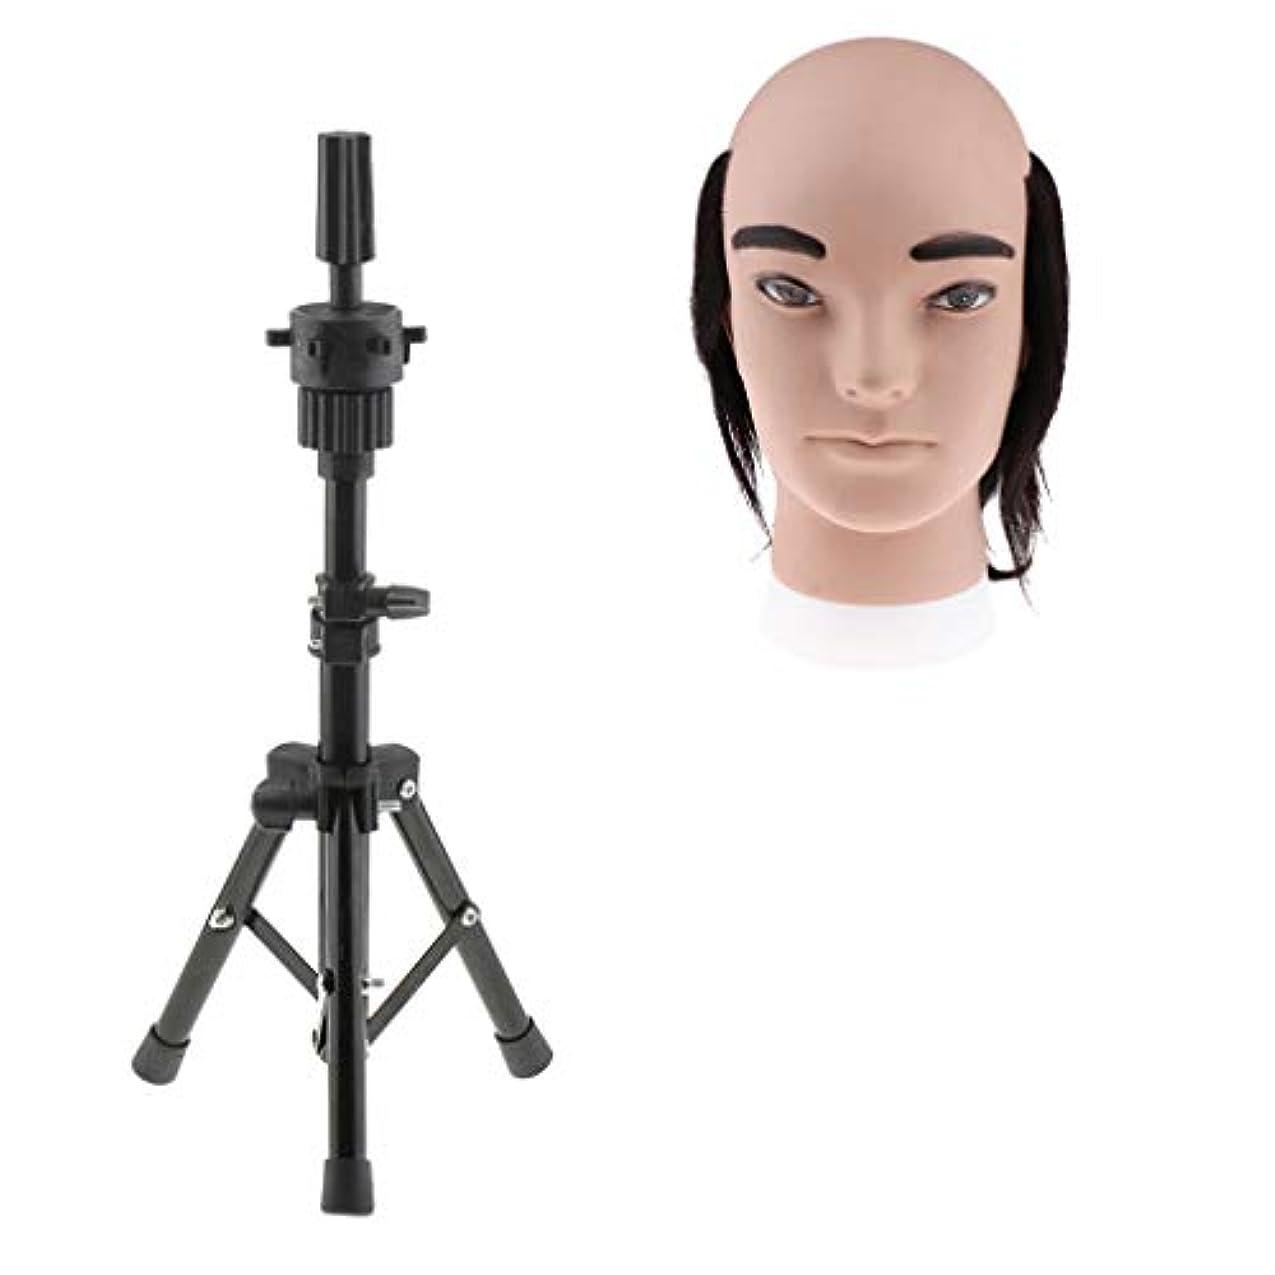 国際バケット顕著CUTICATE 人間の髪毛 男性 マネキン トレーニング マネキン美容人形 人形の頭付き三脚ホルダー